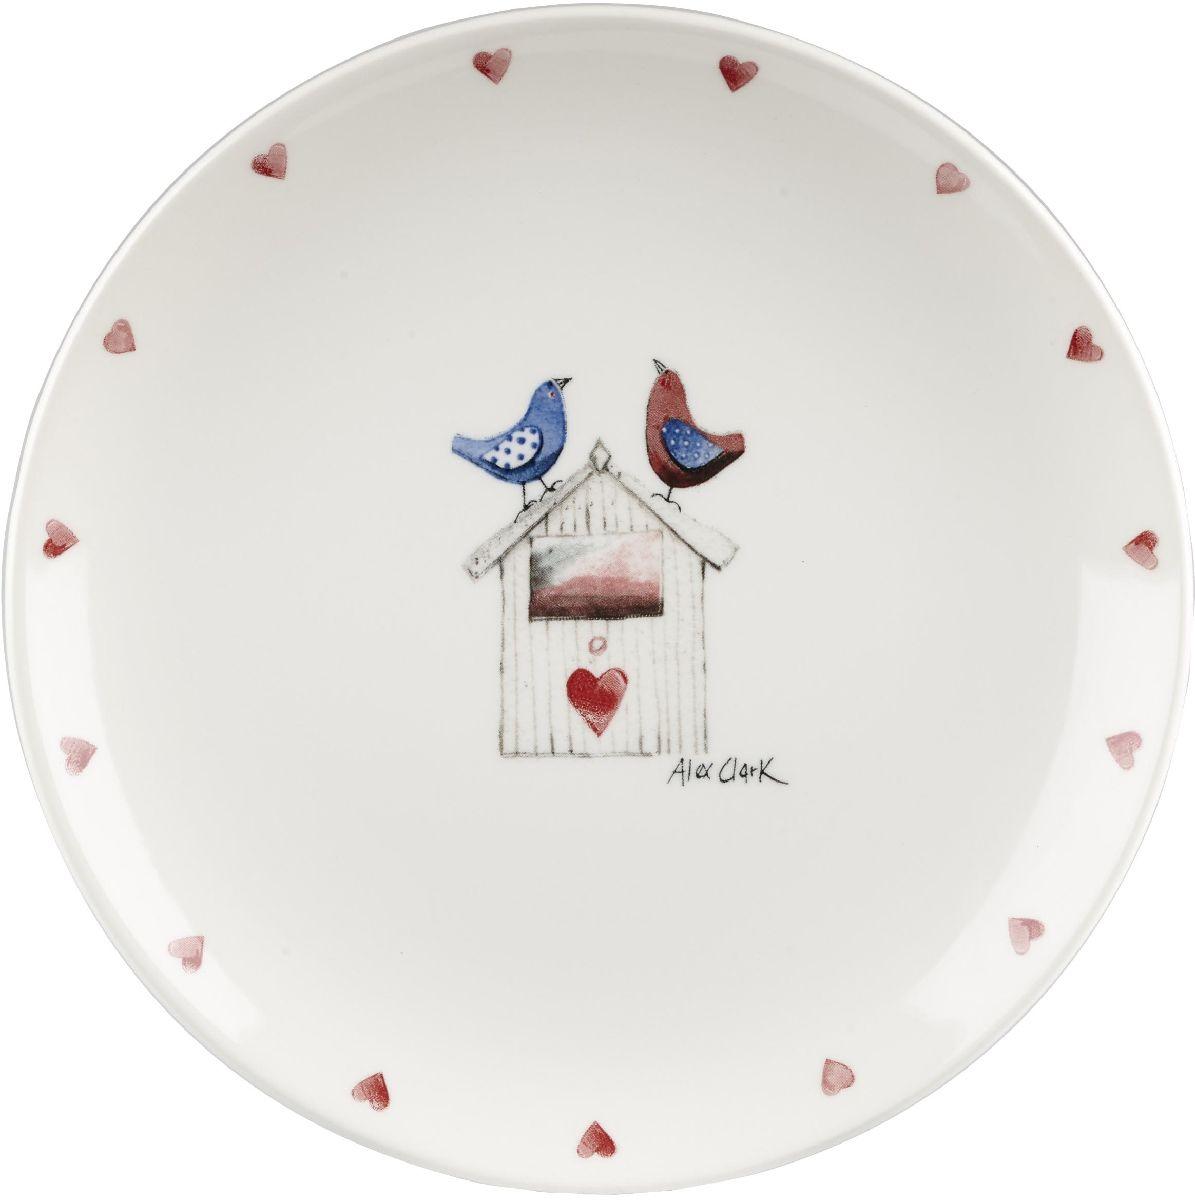 Тарелка Churchill, диаметр 20 см. ACLB00101ACLB00101Коллекция Птички - уникальное сочетание живой природы и прекрасные воспоминания из детства. Легкий и простой дизайн с пастельными красками идеально подойдет для любой кухни.